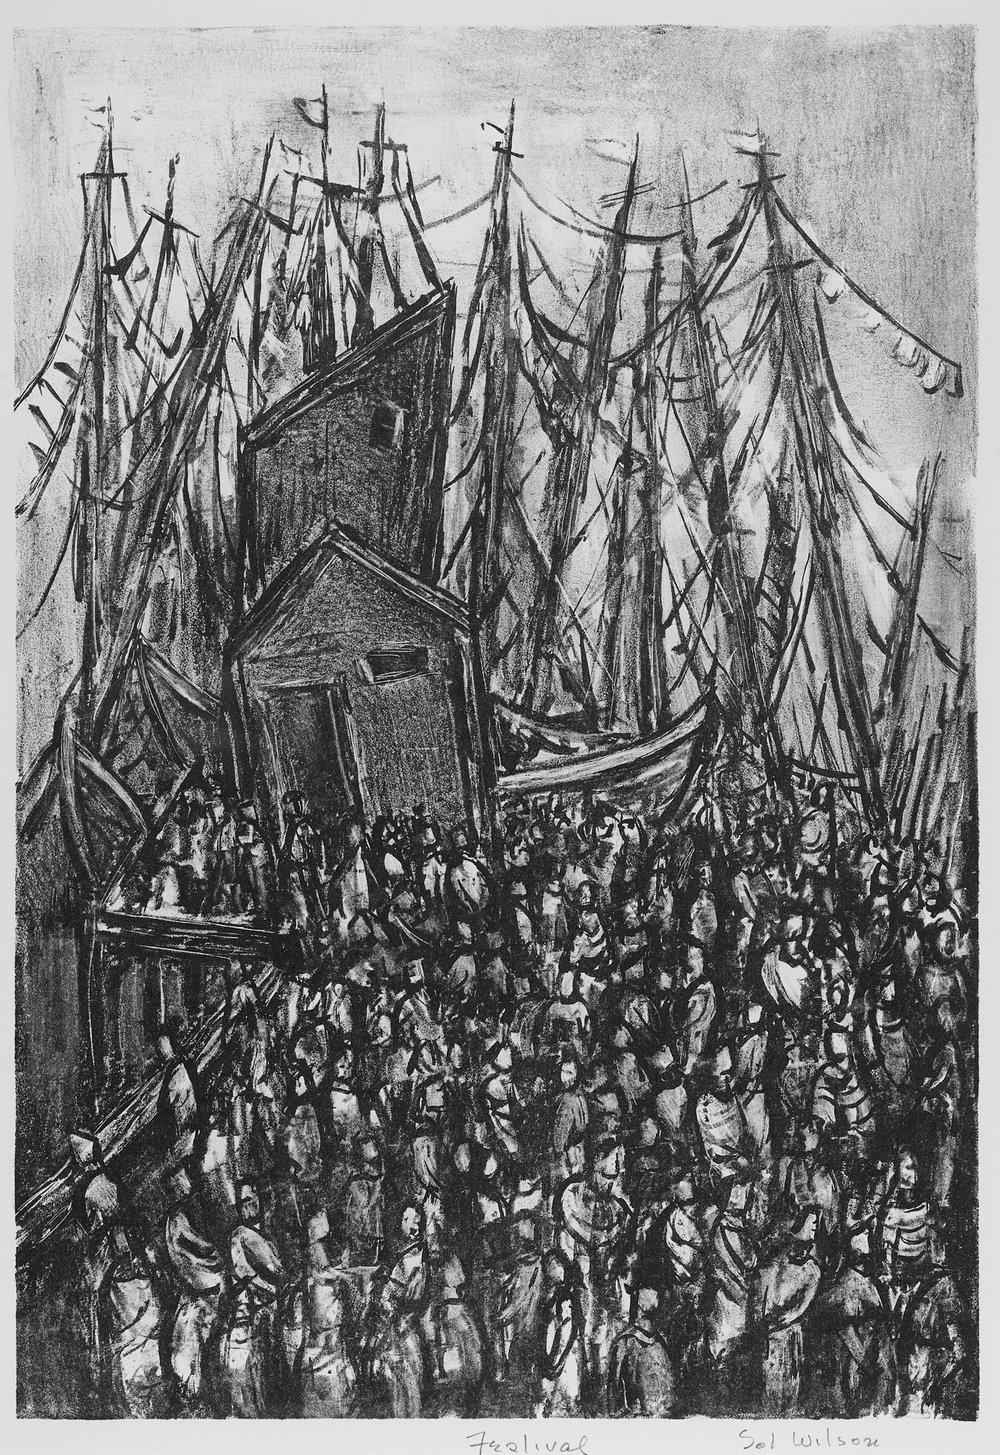 Sol Wilson (1896-1974),  Festival (Provincetown),  LIthograph, c. 1950,  Gift of Barnett Shepherd